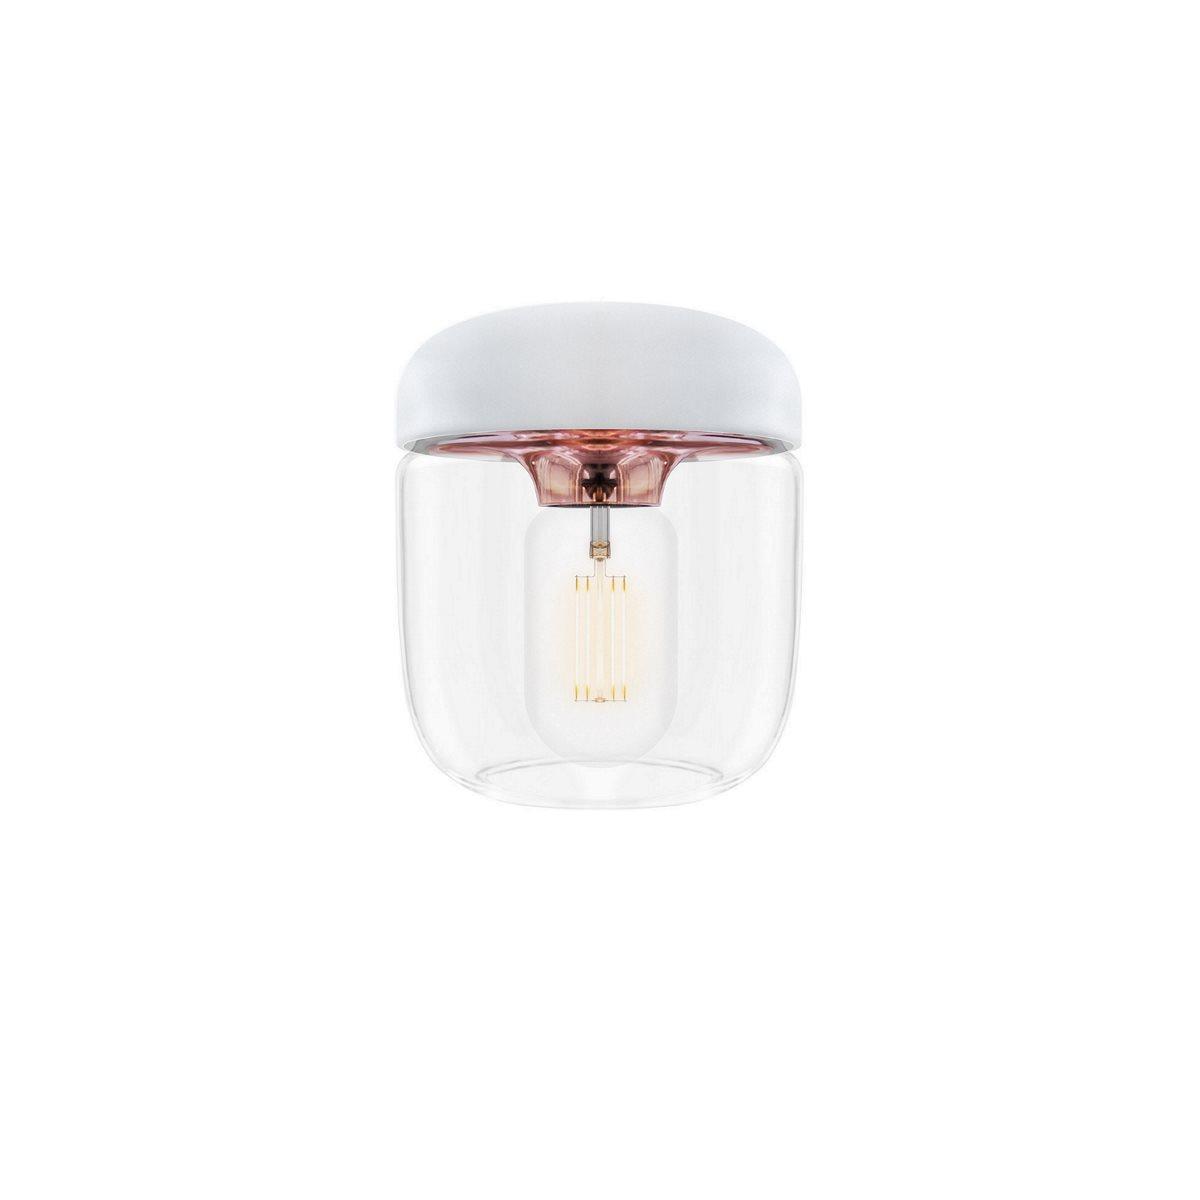 Acorn lampa white copper, Vita